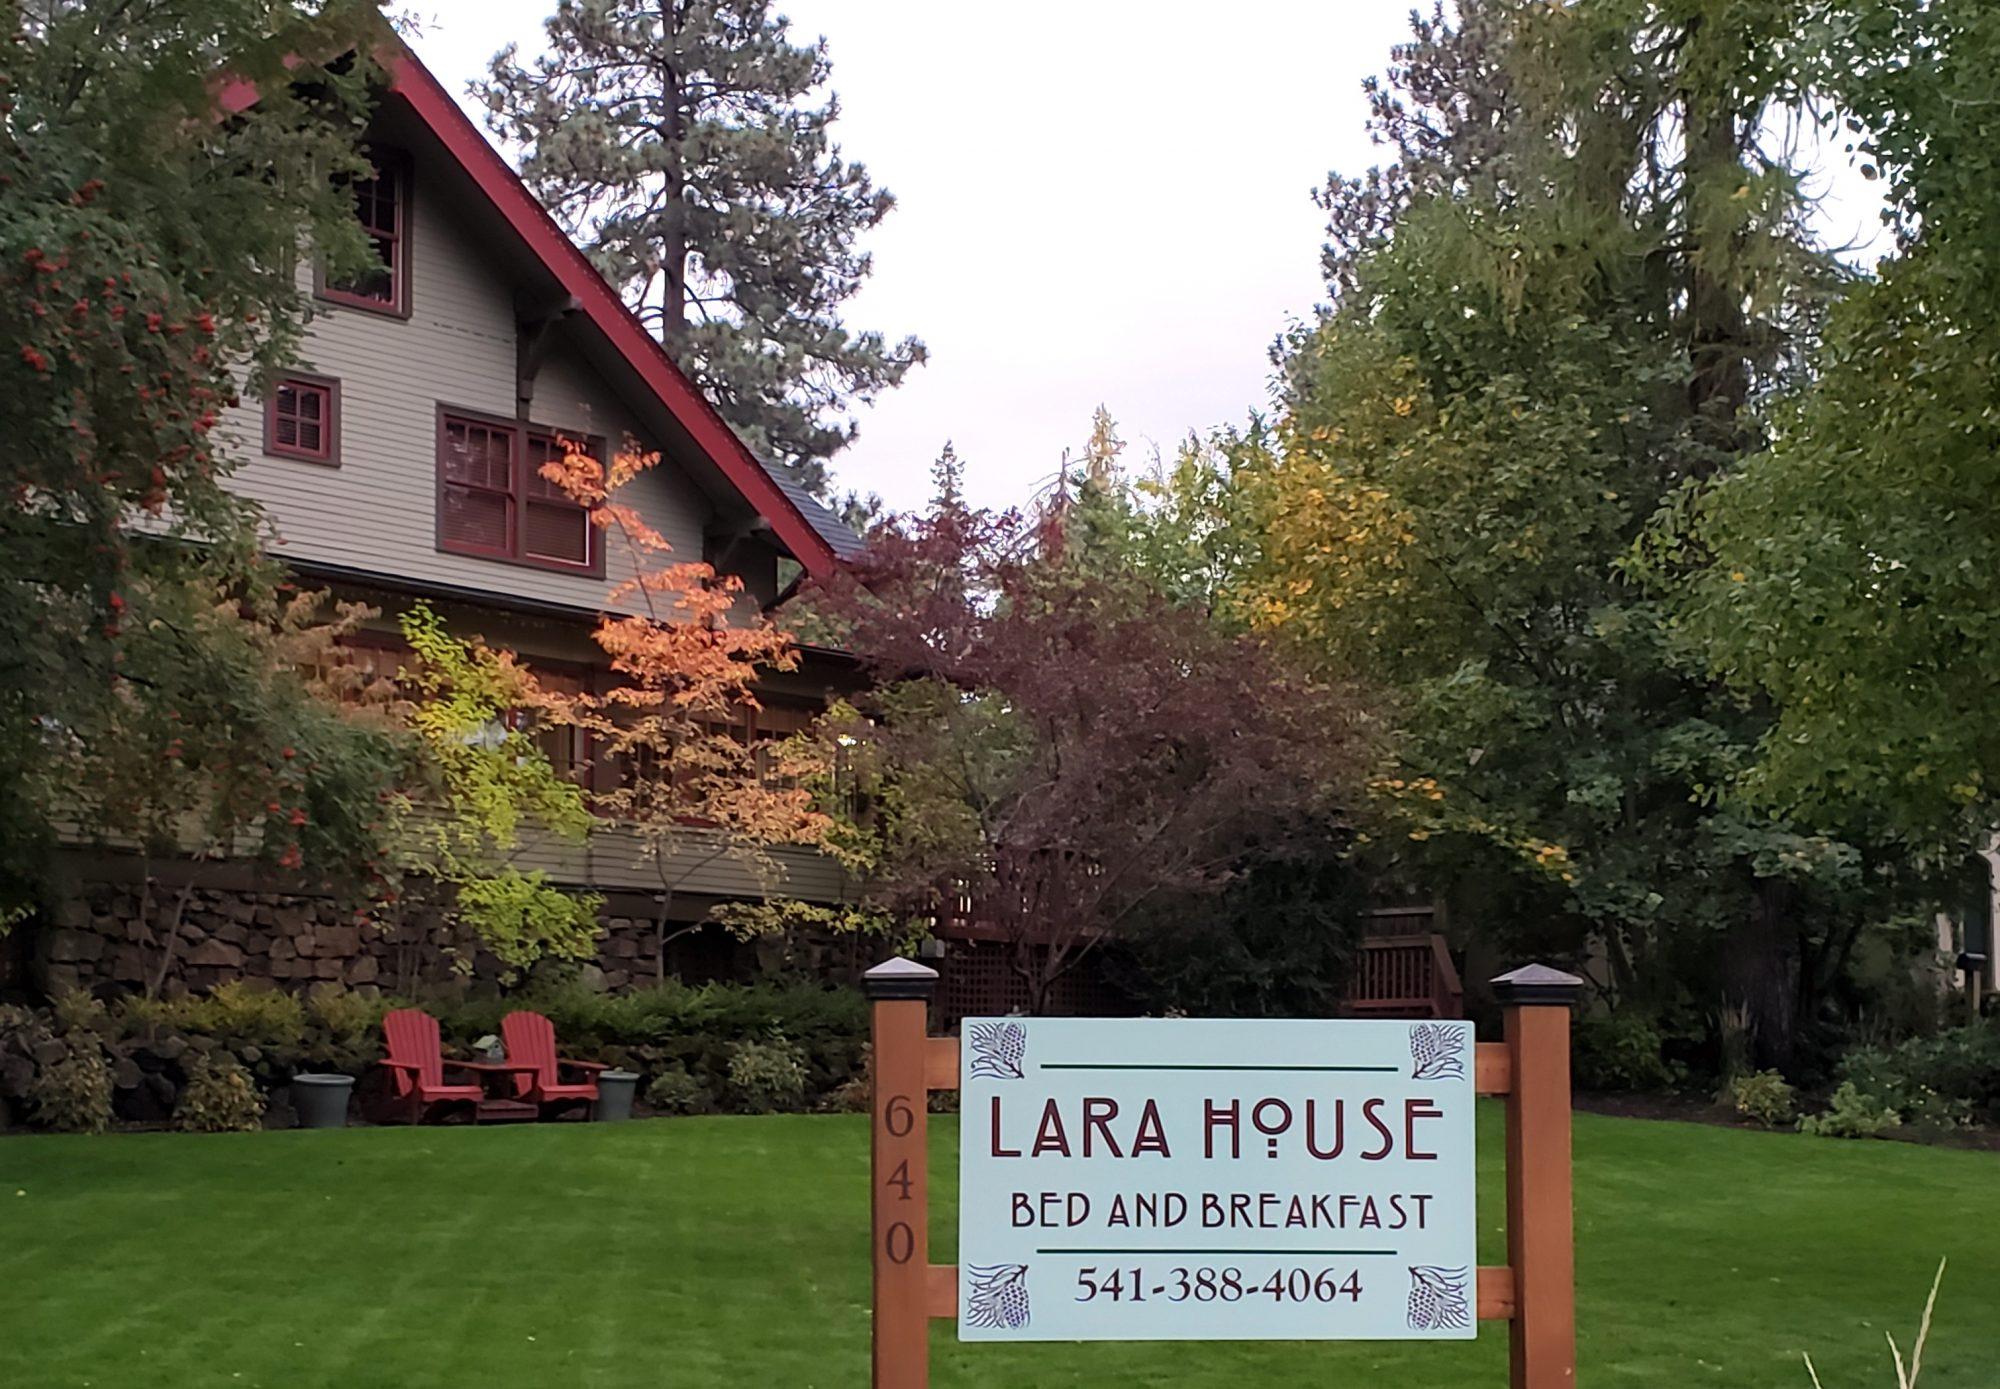 Lara House B&B outside